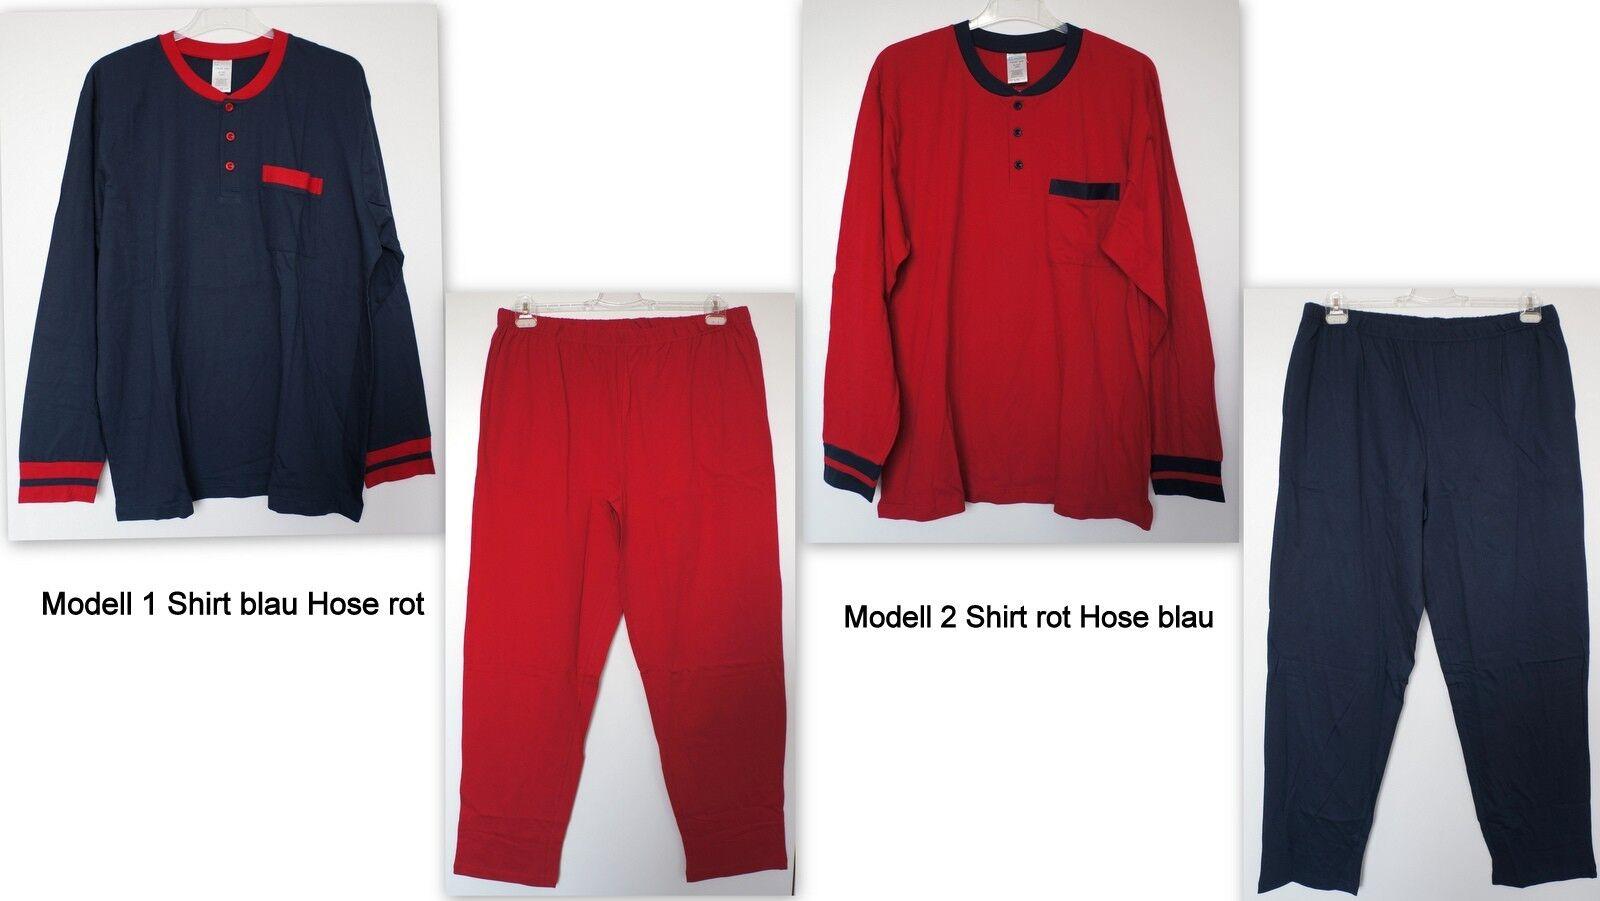 NEU Übergröße Herren Schlafanzug Pyjama Shirt mit Hose 2 Farben Gr.56/58